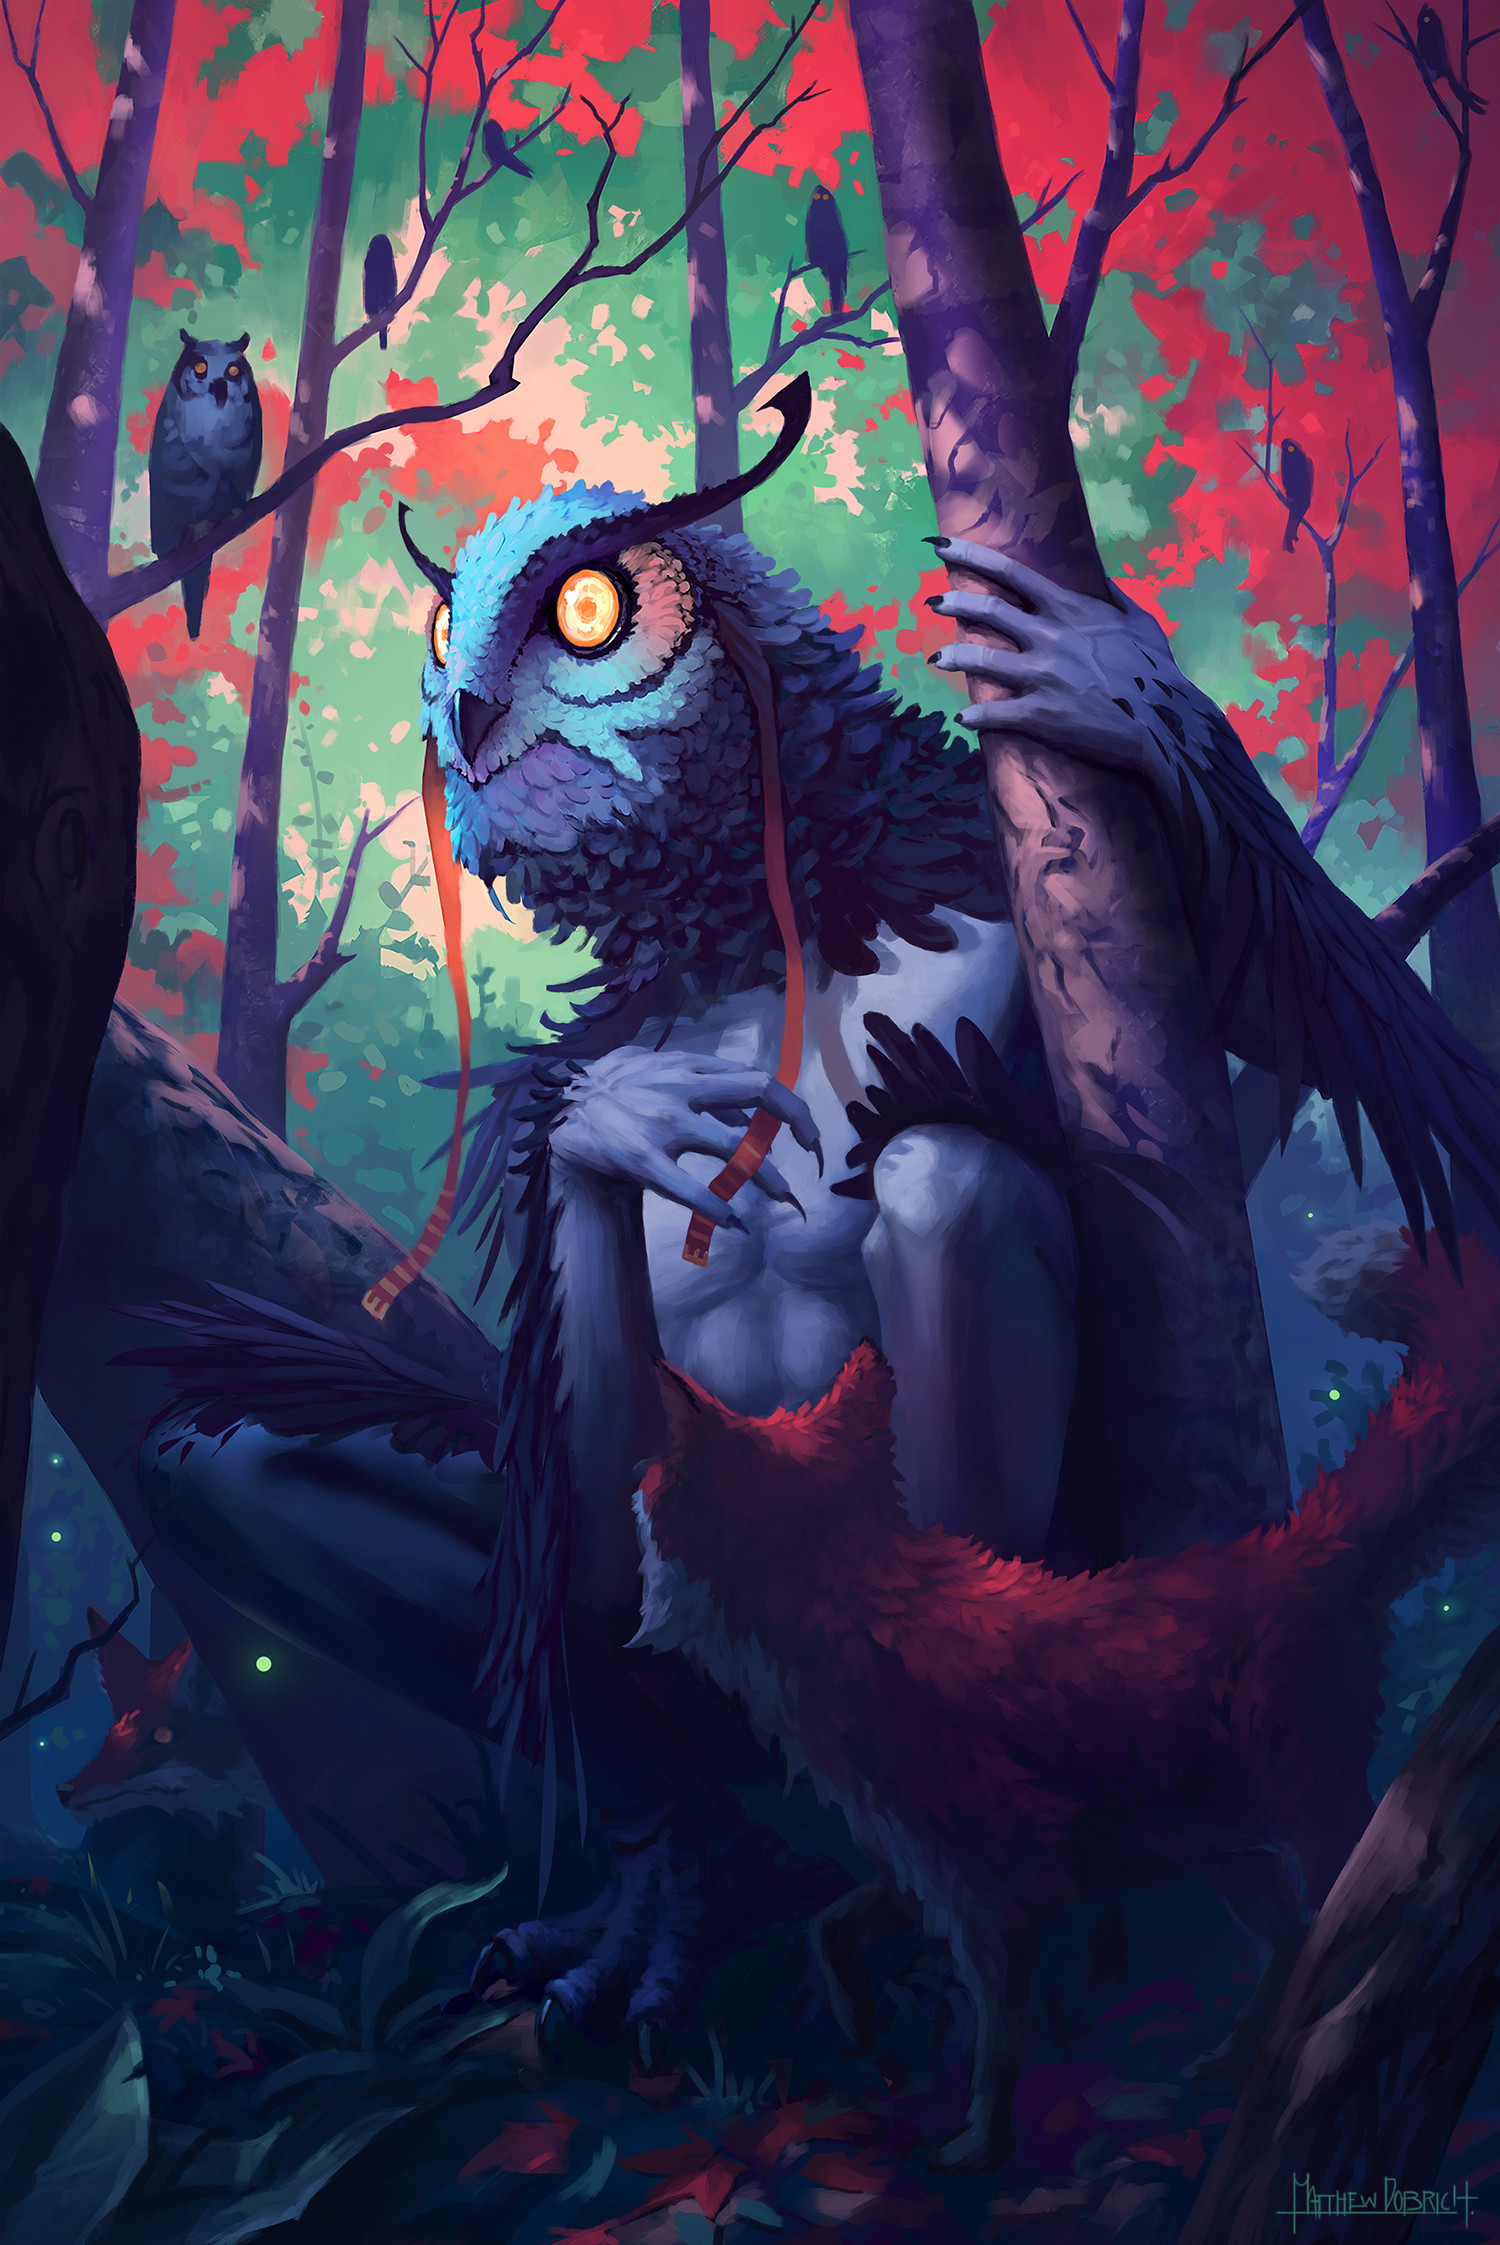 matthew-dobrich-owl-spirit.jpg